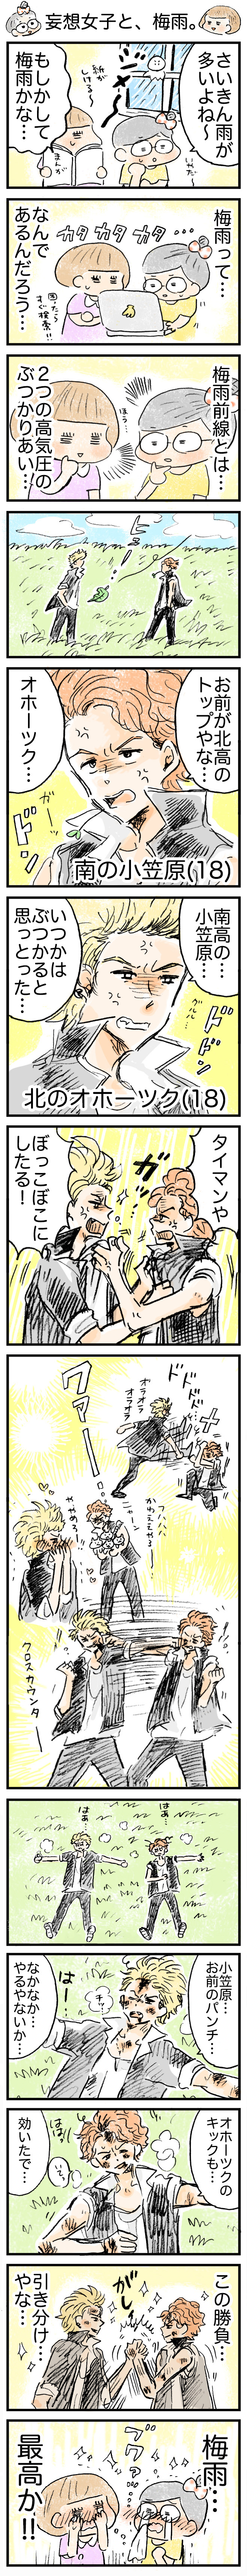 【漫画】妄想女子と、梅雨。『もちことのんこ』第8回 作:おづまりこ